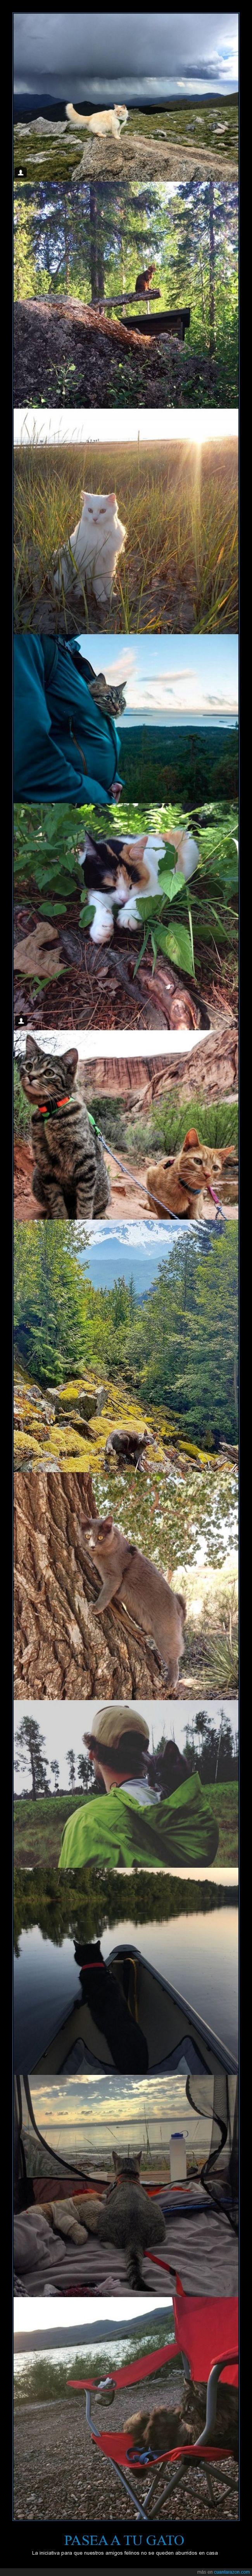 camping,gatos,pasear